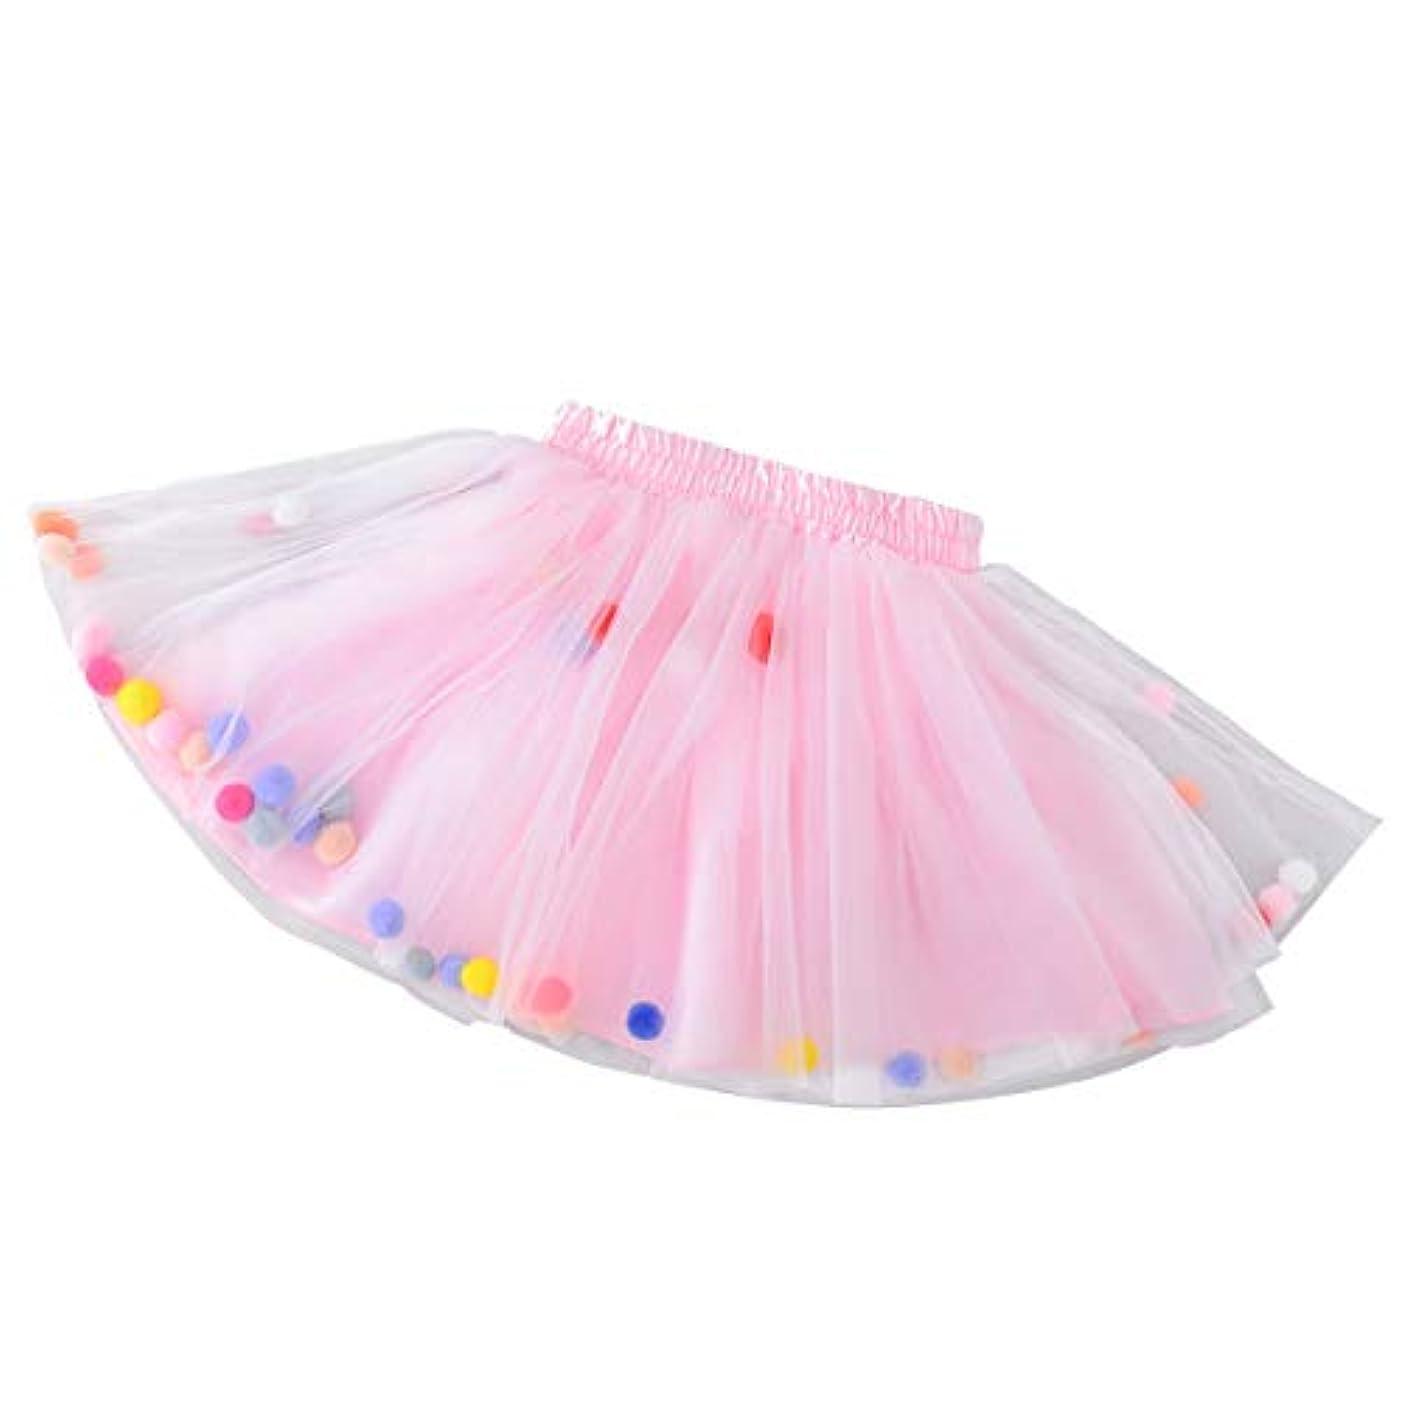 成功した叱る衣服YeahiBaby 子供チュチュスカートラブリーピンクミディスカートカラフルなファジィボールガーゼスカートプリンセスドレス衣装用女の子(サイズm)